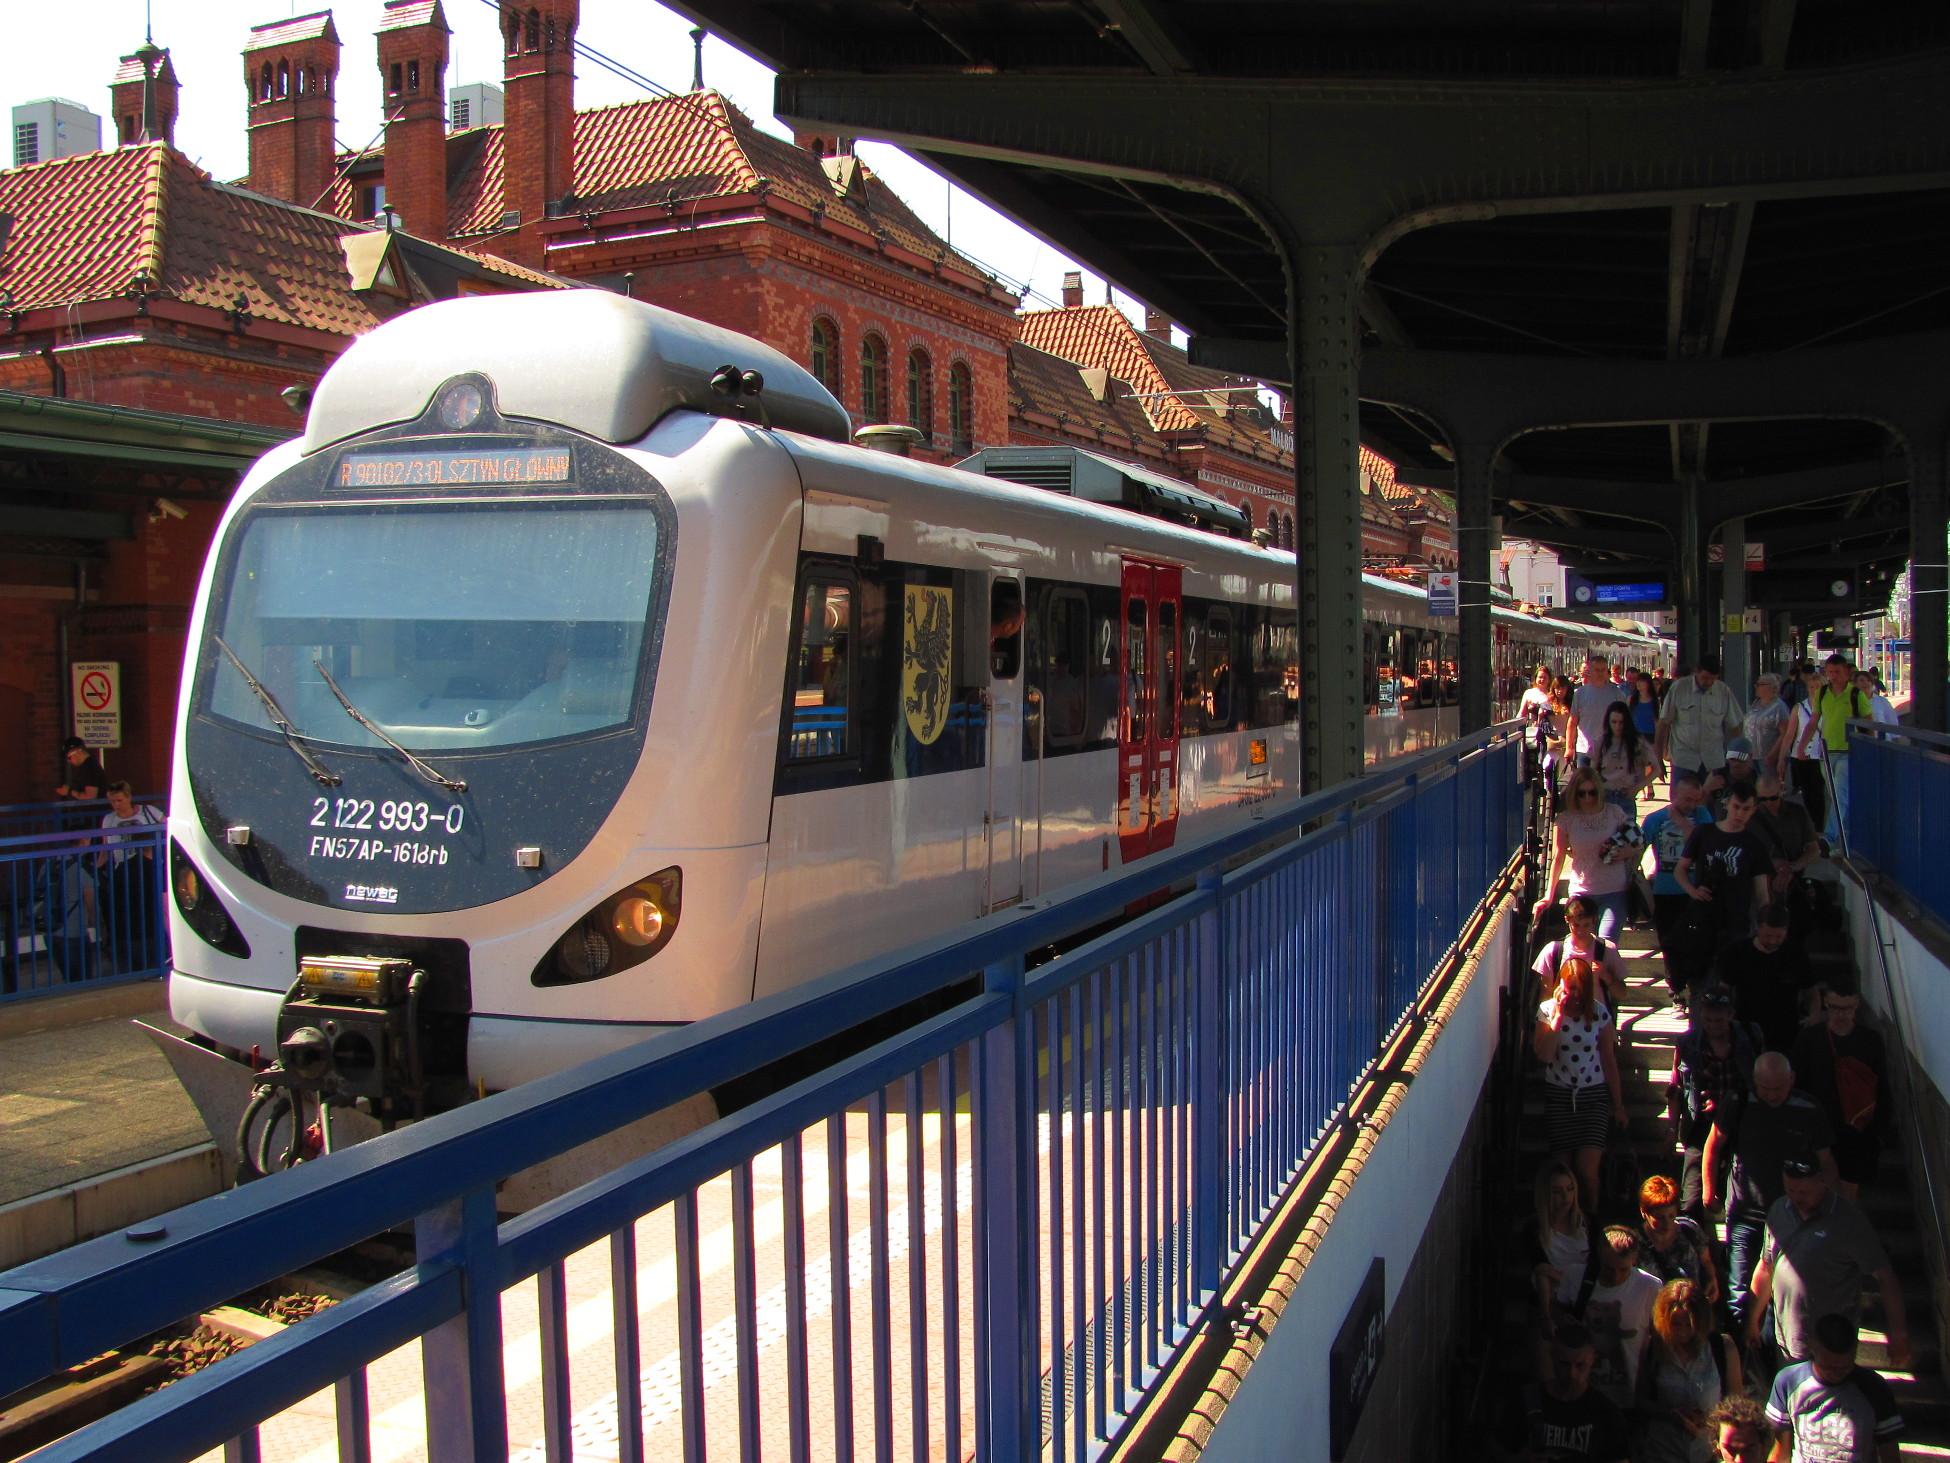 Podróż ze Słupska do Trójmiasta będzie tańsza! Nowe ceny biletów kolejowych